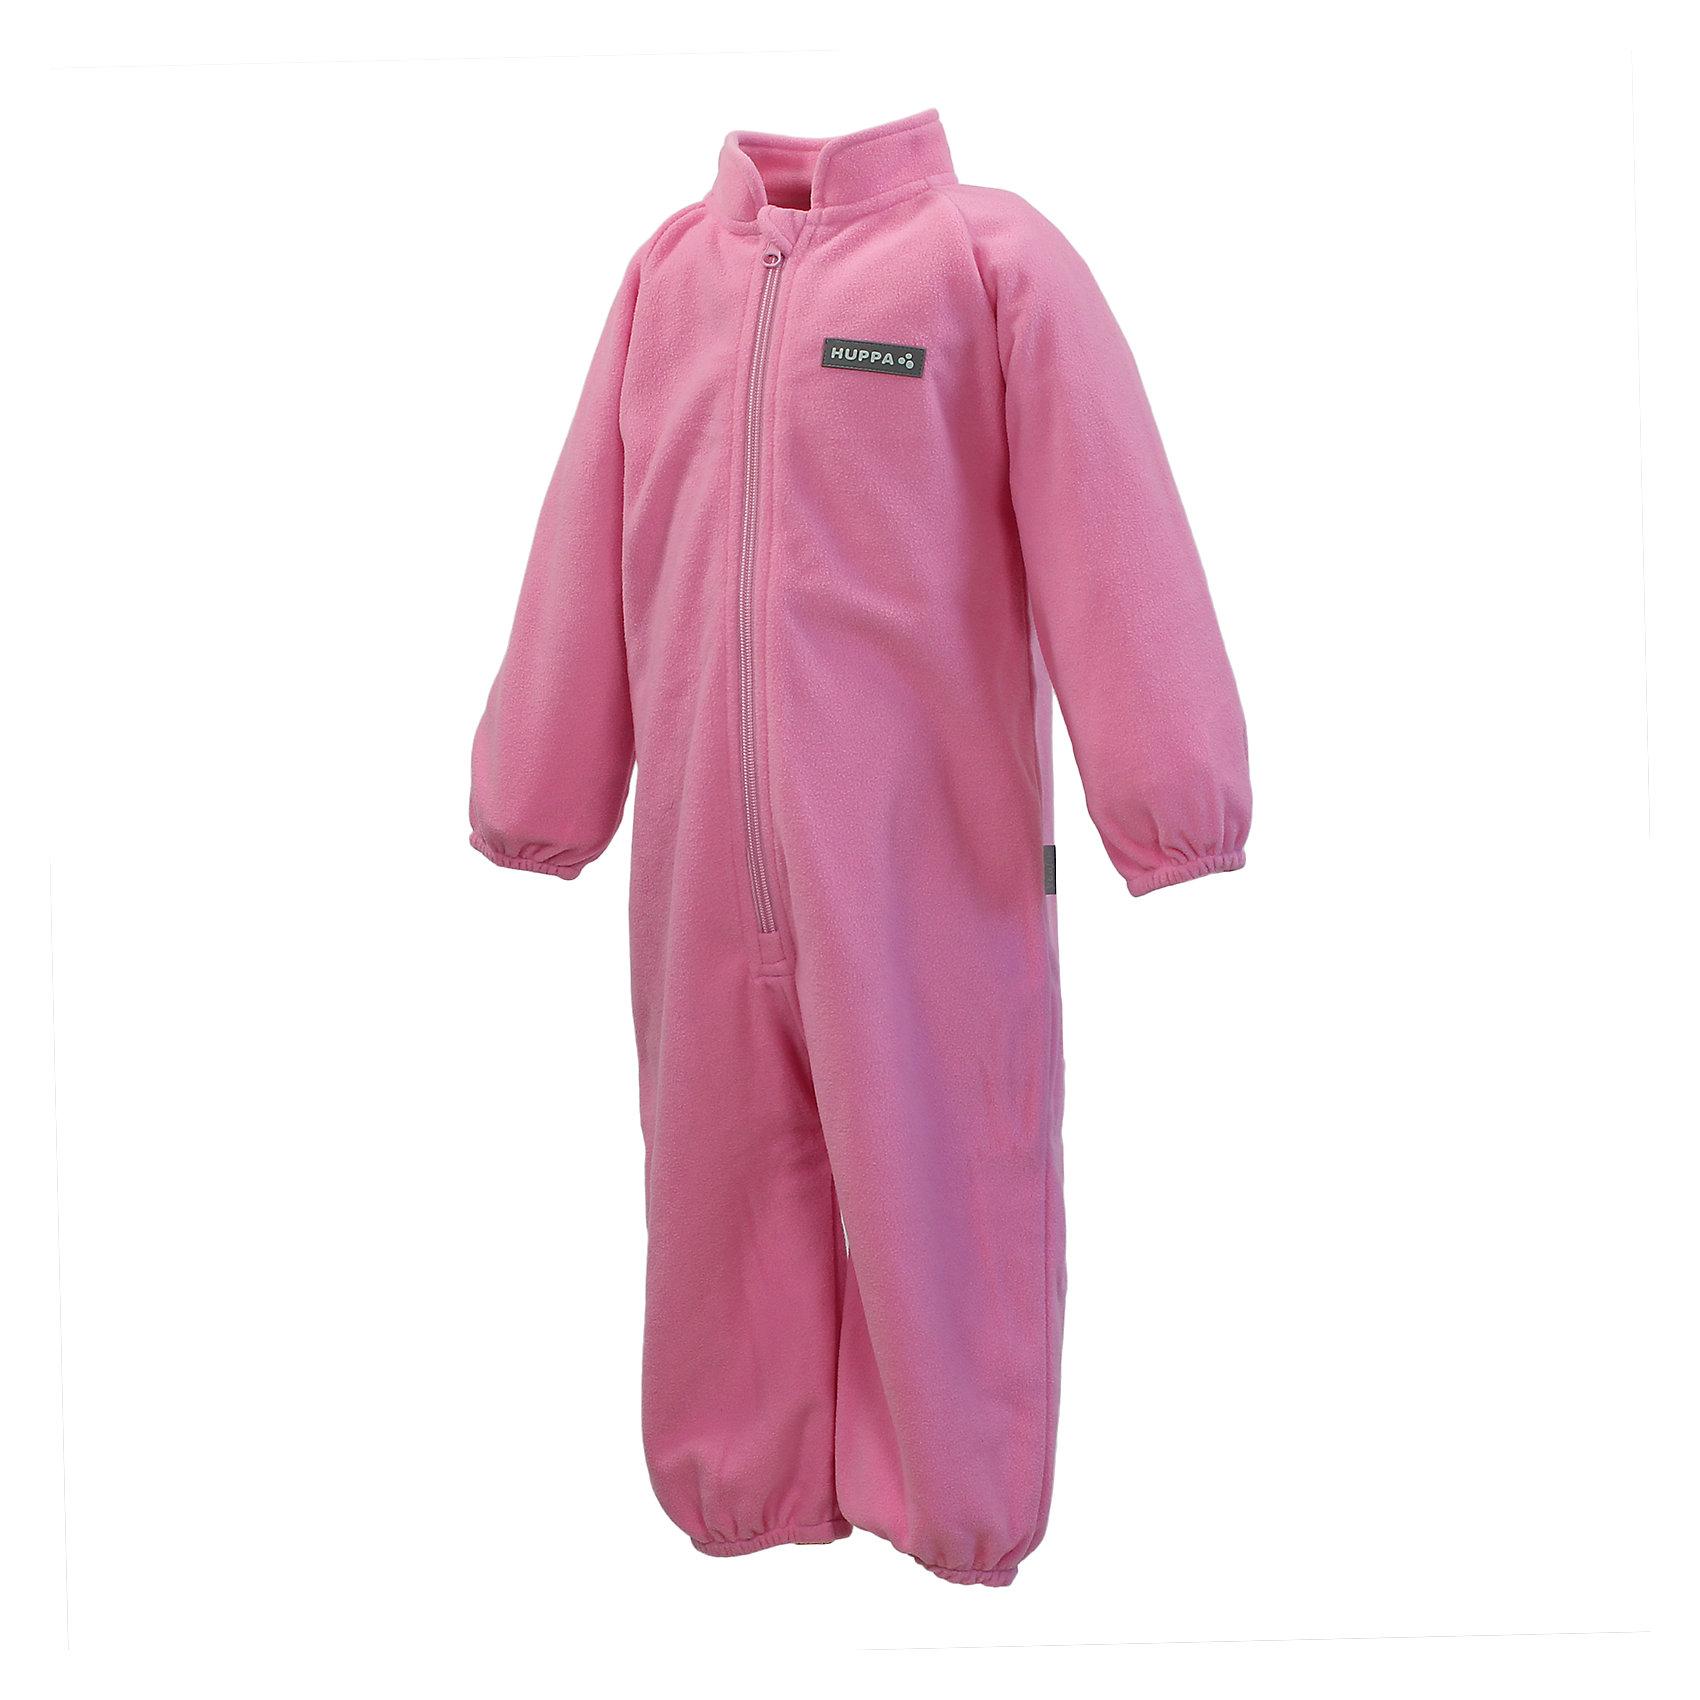 Комбинезон для девочки HuppaФлис и термобелье<br>Характеристики товара:<br><br>• цвет: розовый<br>• состав: 100% полиэстер (флис)<br>• молния<br>• эластичные манжеты<br>• потайной карман<br>• воротник-стойка<br>• низ штанин эластичный<br>• декорирован логотипом<br>• комфортная посадка<br>• мягкий материал<br>• страна бренда: Эстония<br><br>Такой комбинезон обеспечит малышам тепло и комфорт. Он сделан из приятного на ощупь материала с мягким ворсом, поэтому изделие не колется и не натирает. Для удобства одевания сделана длинная молния. Комбинезон очень симпатично смотрится, яркая расцветка и крой добавляют ему оригинальности. Модель была разработана специально для малышей.<br><br>Одежда и обувь от популярного эстонского бренда Huppa - отличный вариант одеть ребенка можно и комфортно. Вещи, выпускаемые компанией, качественные, продуманные и очень удобные. Для производства изделий используются только безопасные для детей материалы. Продукция от Huppa порадует и детей, и их родителей!<br><br>Комбинезон для девочки от бренда Huppa (Хуппа) можно купить в нашем интернет-магазине.<br><br>Ширина мм: 356<br>Глубина мм: 10<br>Высота мм: 245<br>Вес г: 519<br>Цвет: розовый<br>Возраст от месяцев: 12<br>Возраст до месяцев: 18<br>Пол: Женский<br>Возраст: Детский<br>Размер: 86,122,104,98,92,116,110,74,80<br>SKU: 4595506